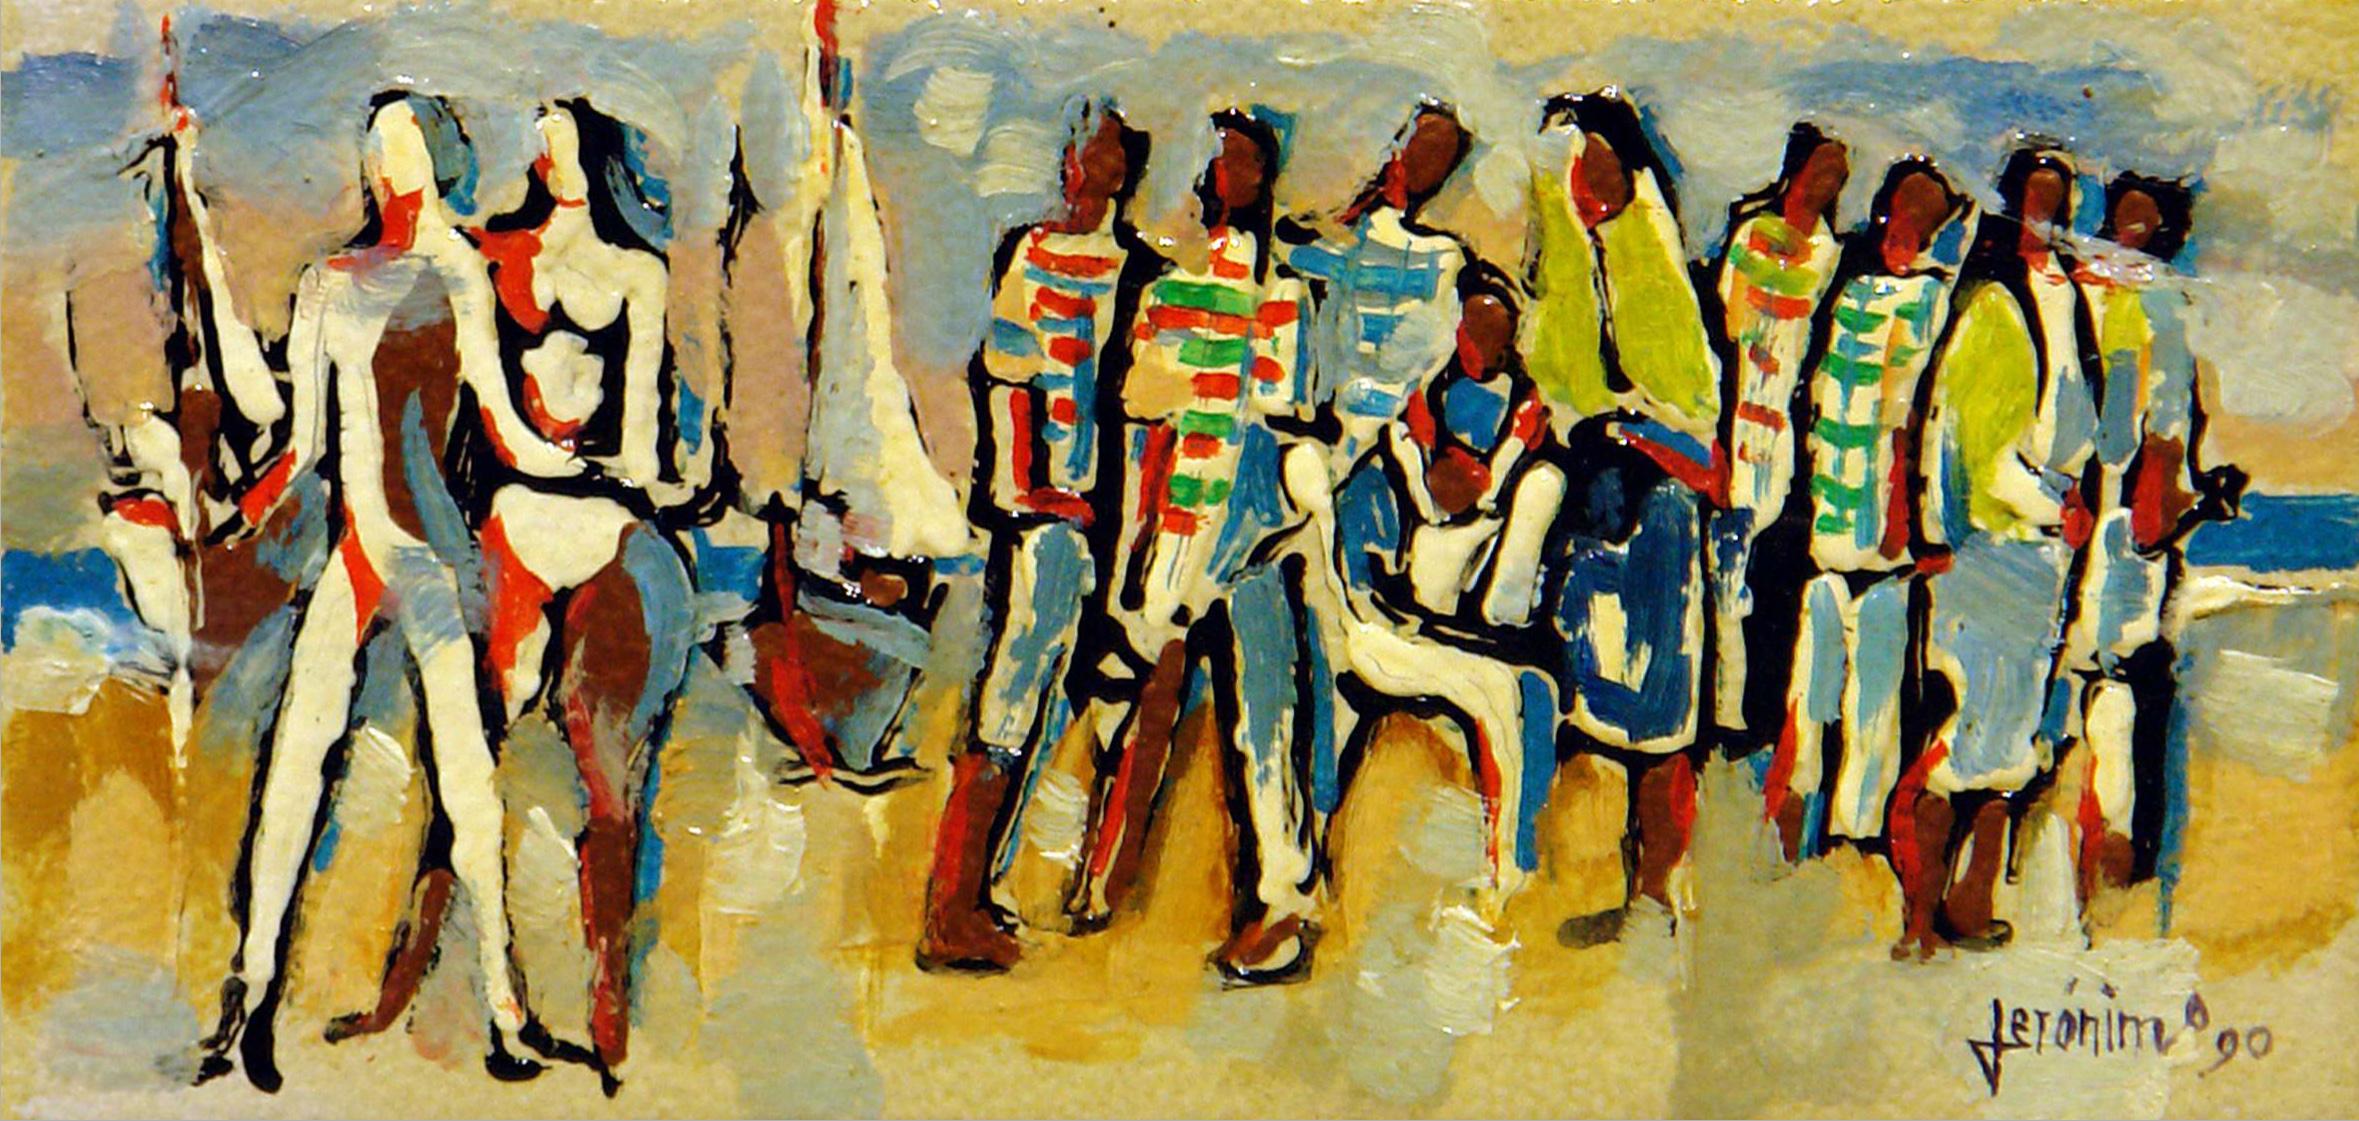 Cinco décadas de arte de Jerónimo em exposição em Barcelos